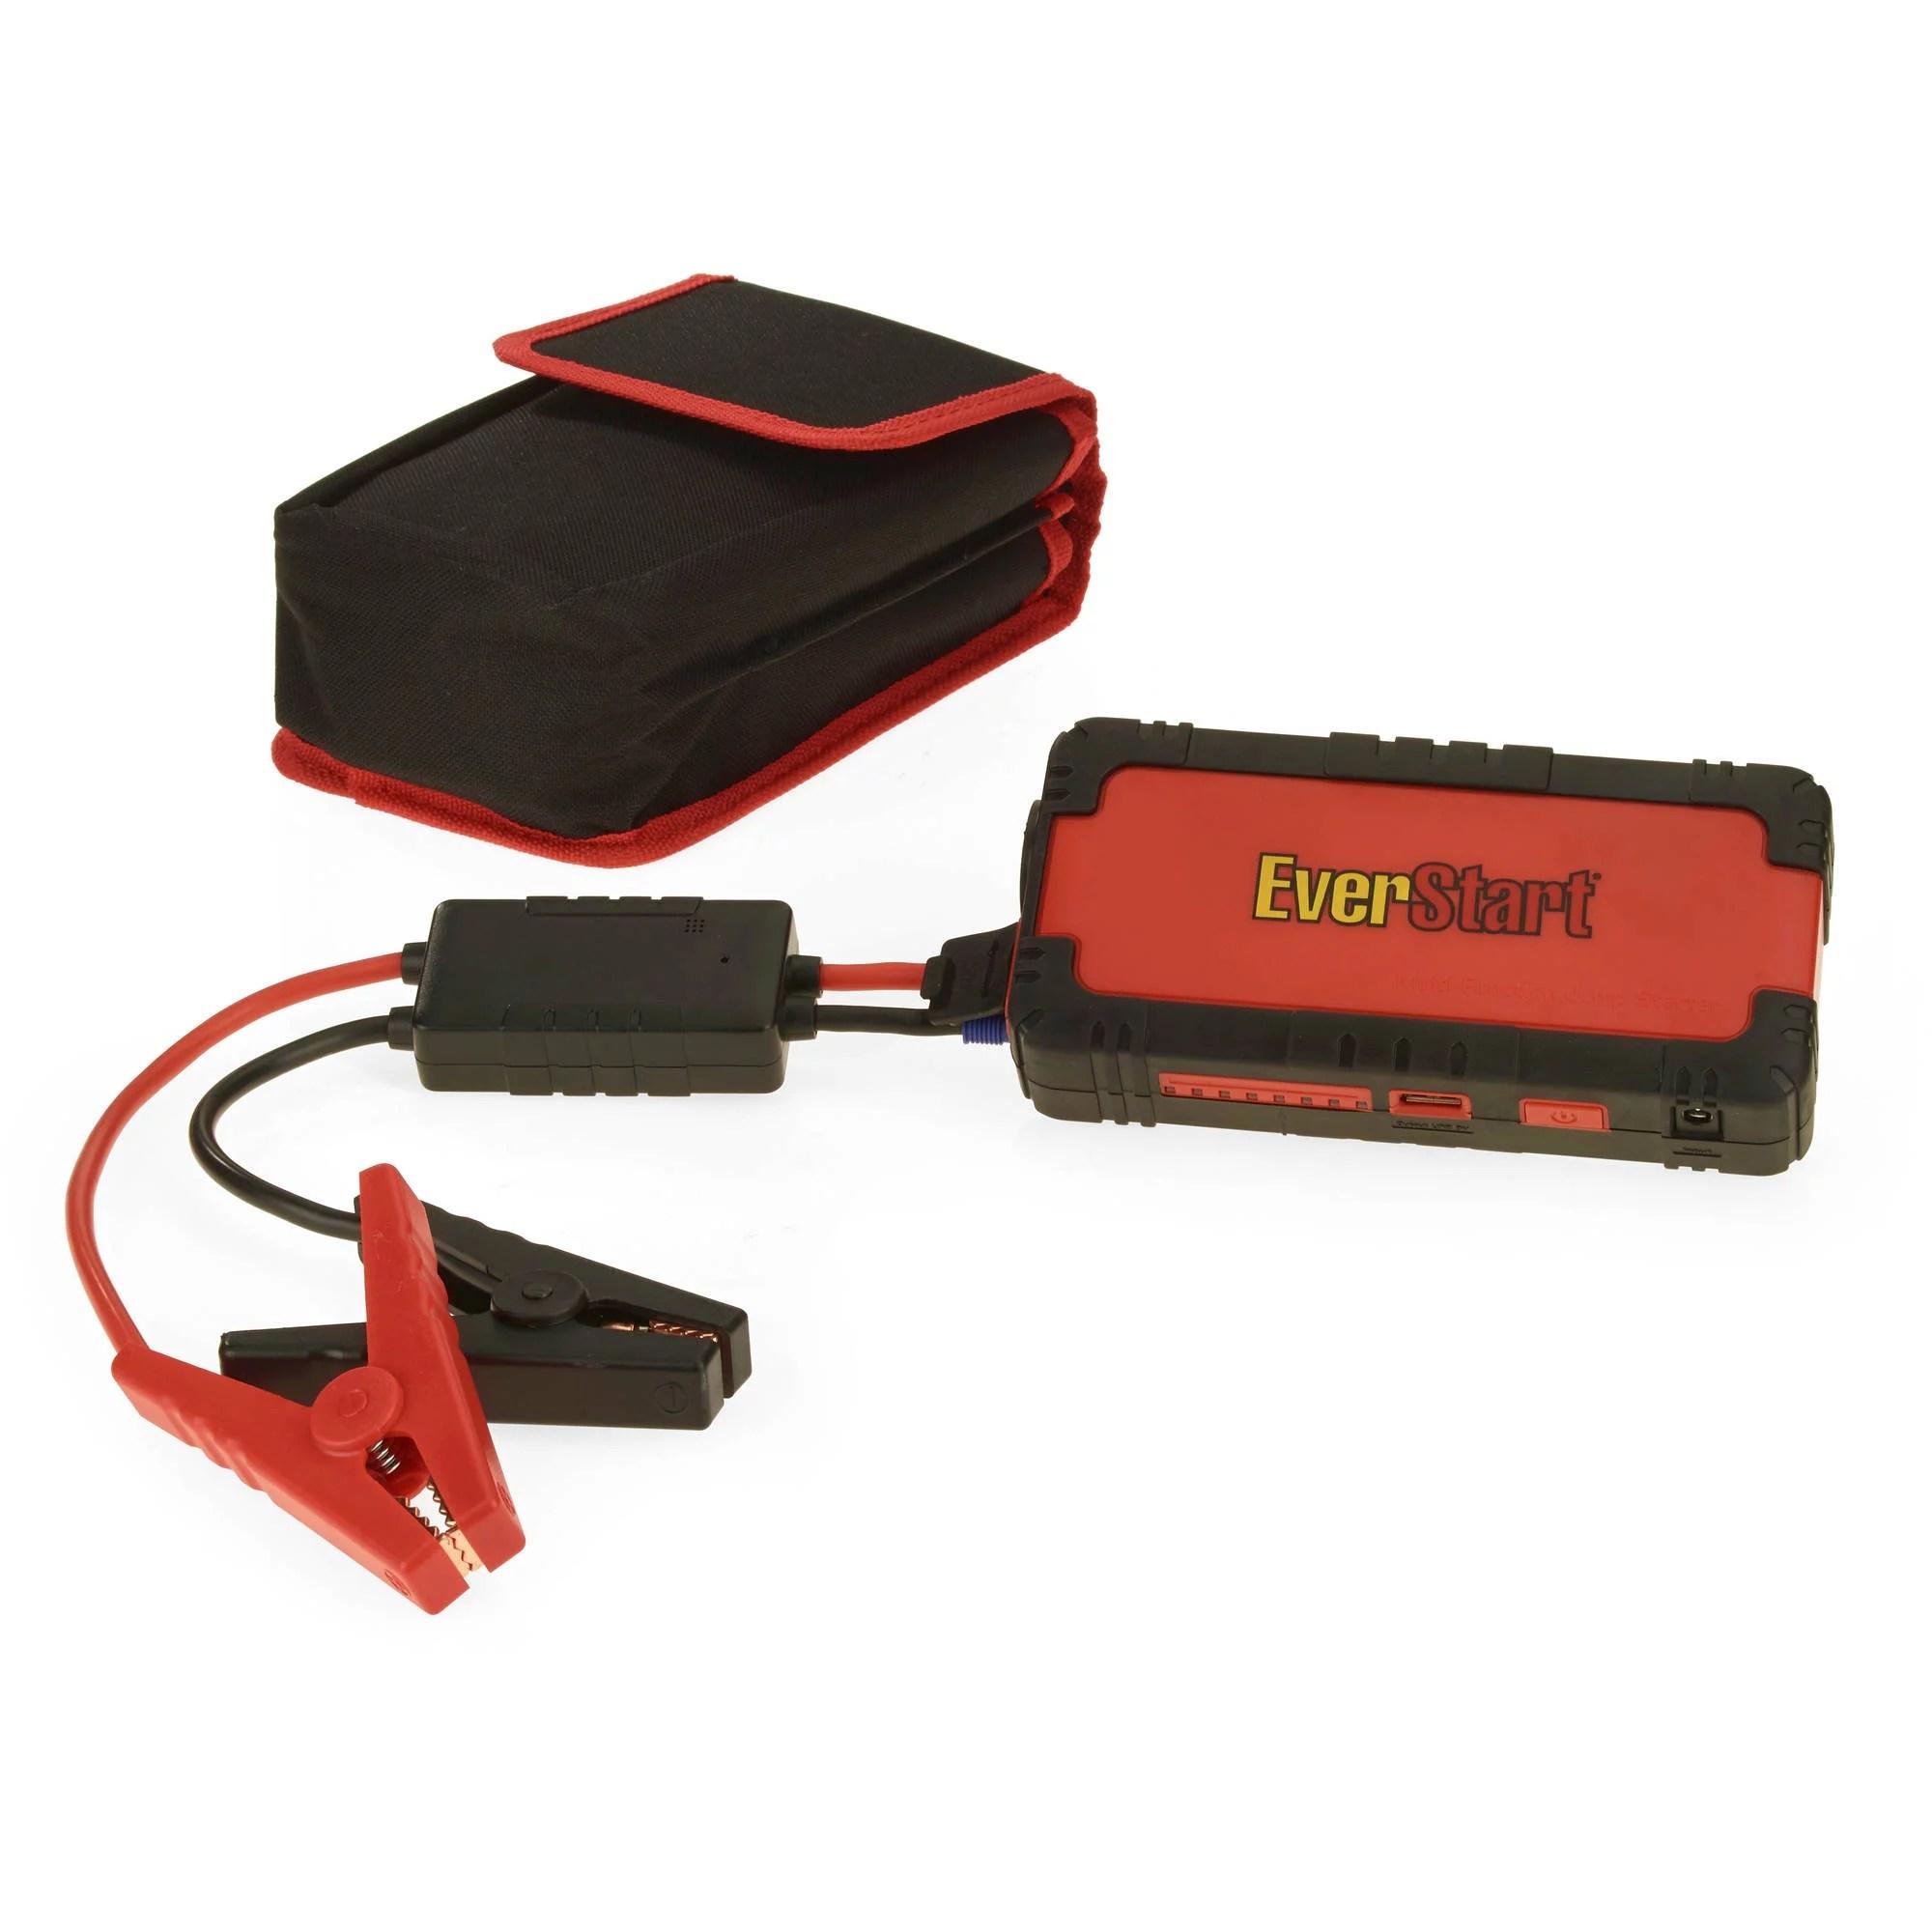 medium resolution of everstart multi function jump starter battery charger schumacher battery charger wiring diagram wiring diagram everstart 200 battery charger